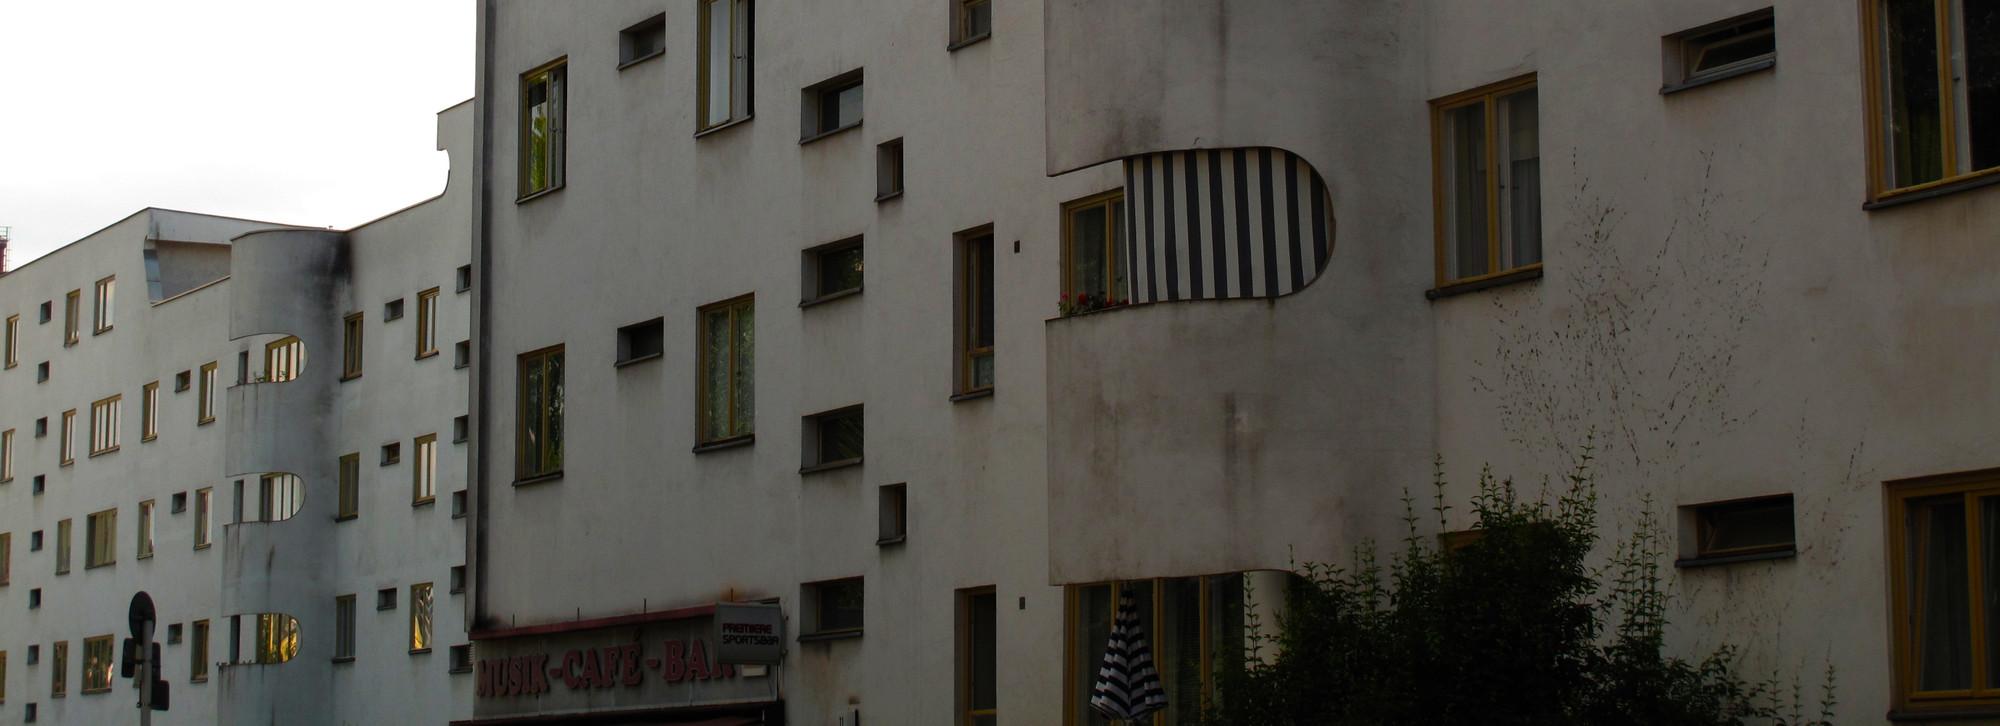 Vista parcial de viviendas realizadas por Hans Sachroun en la Jungfernheide. Image Courtesy of Óscar Miguel Ares